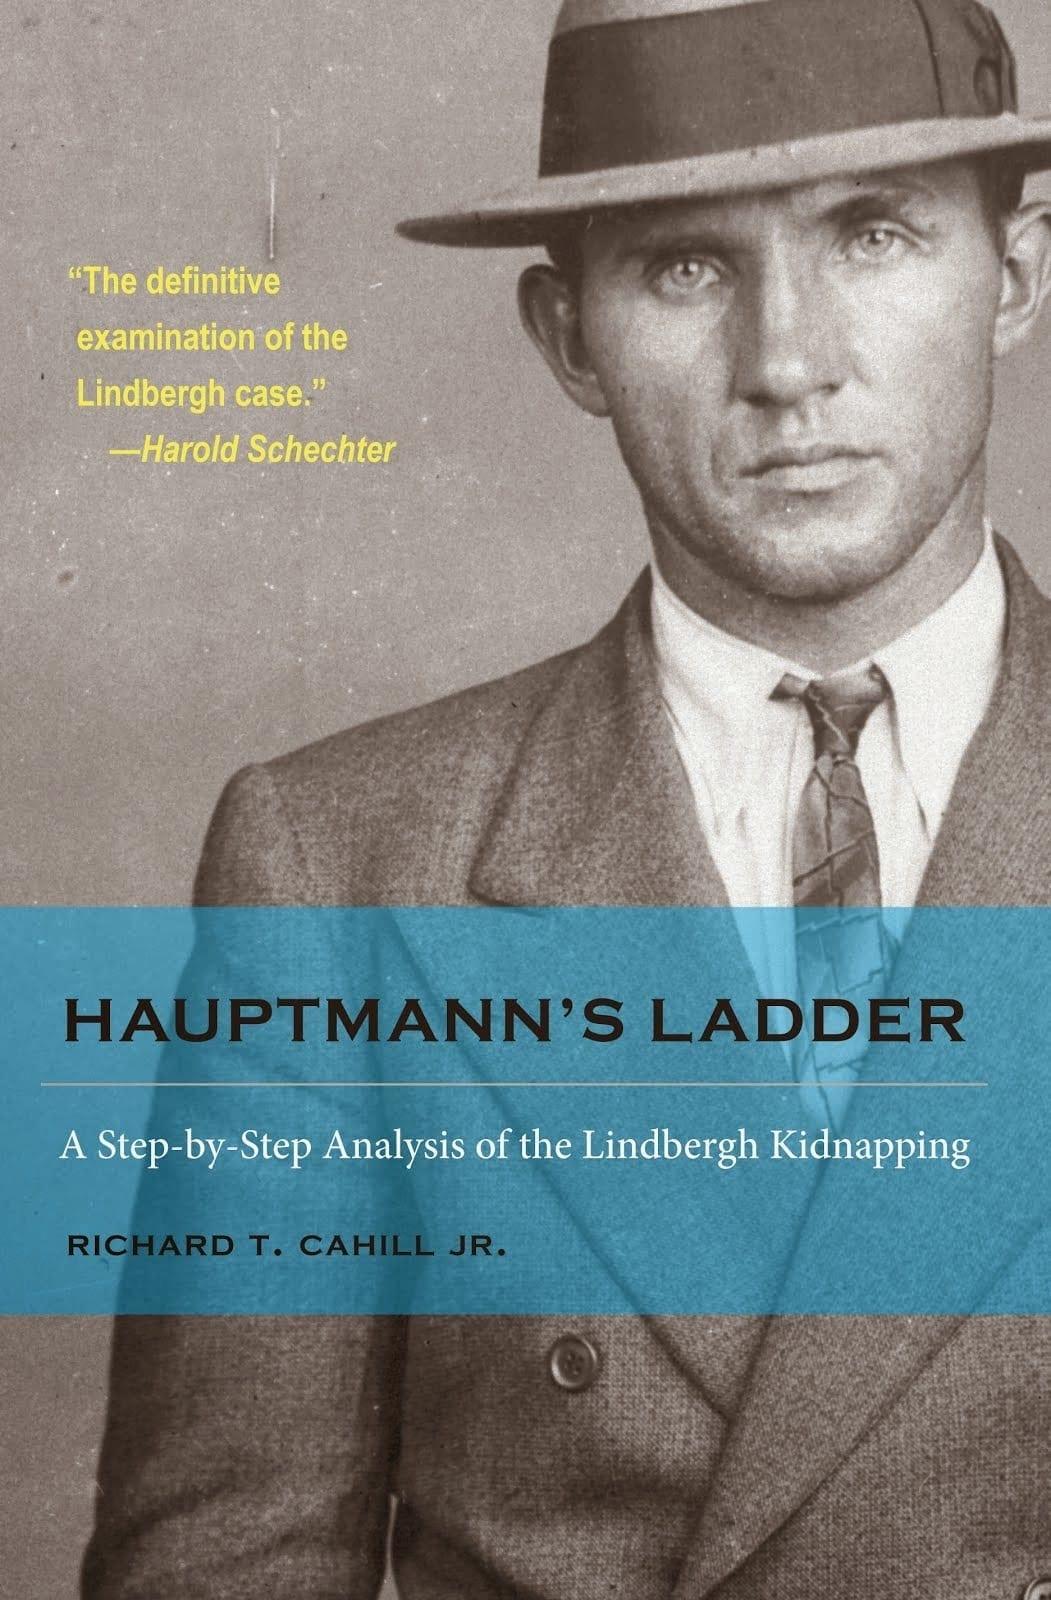 Hauptmann's Ladder by Richard T. Cahill Jr.